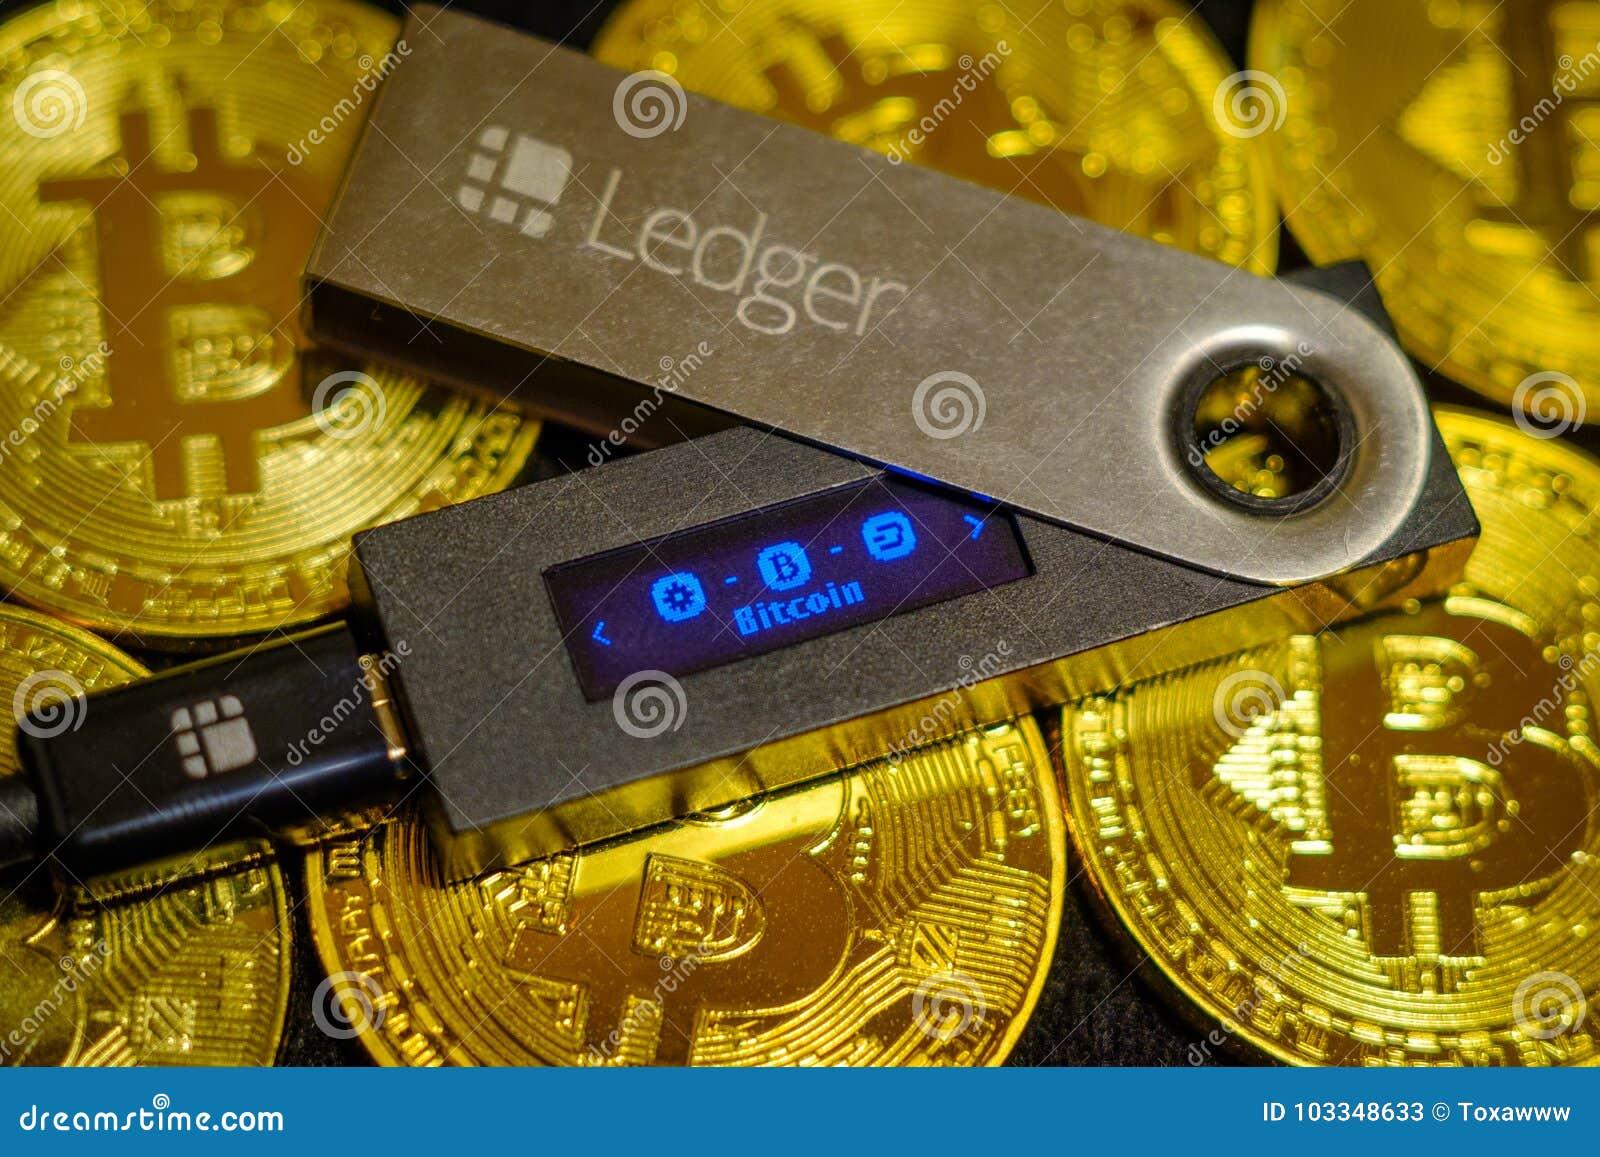 bitcoin gold to ledger nano s)